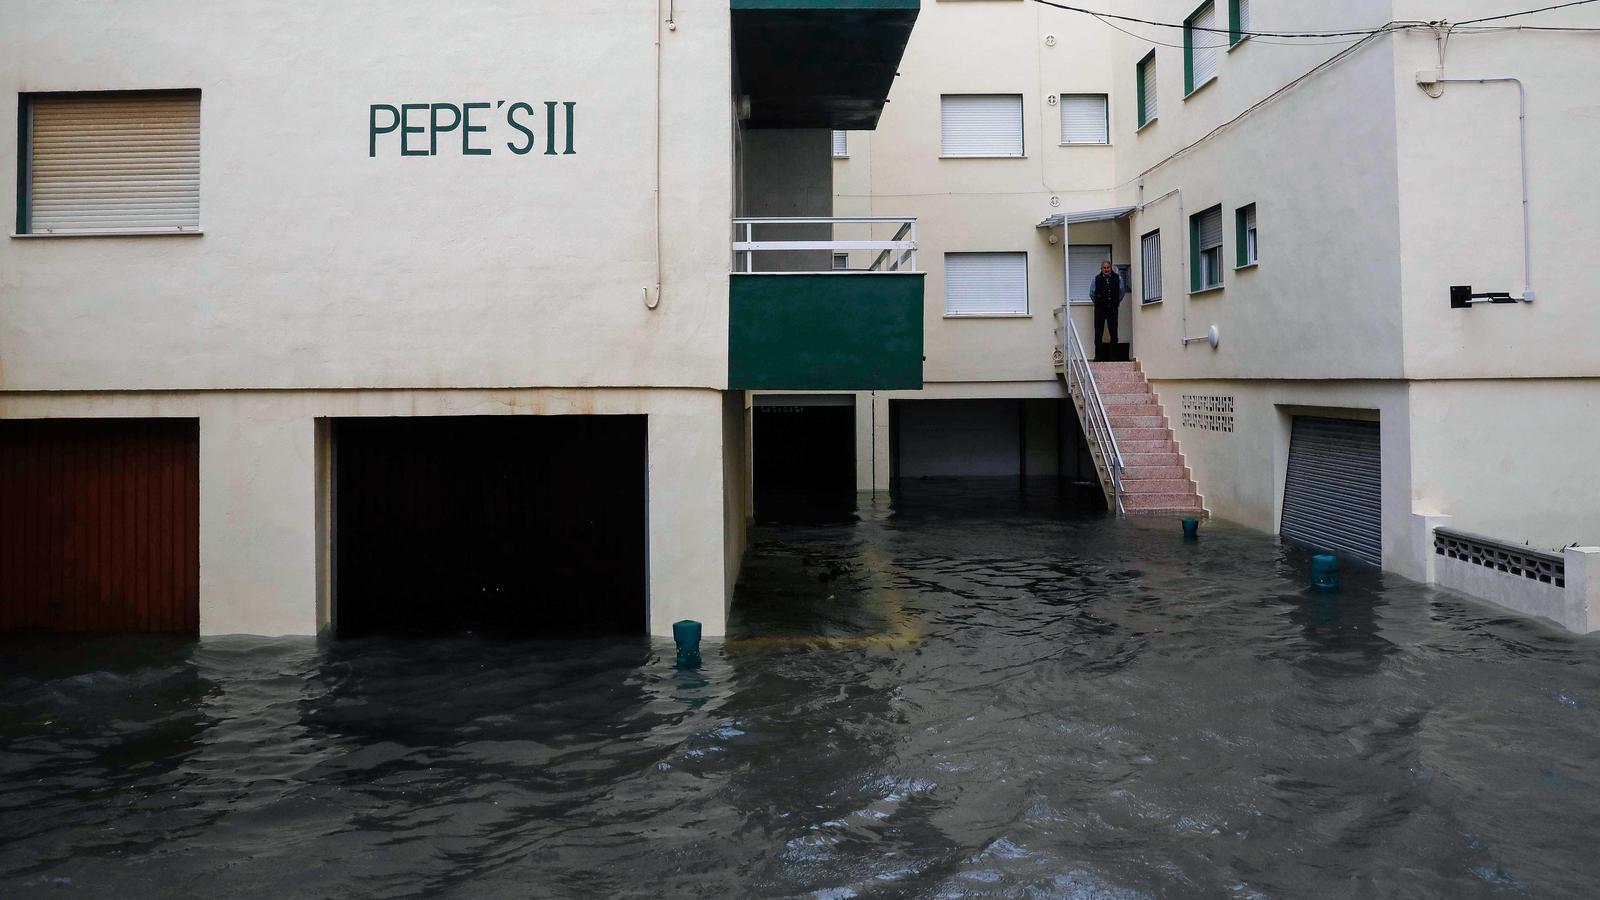 Nombroses inundacions i talls de carreteres al País Valencià, on ja s'acumulen més de 372 litres